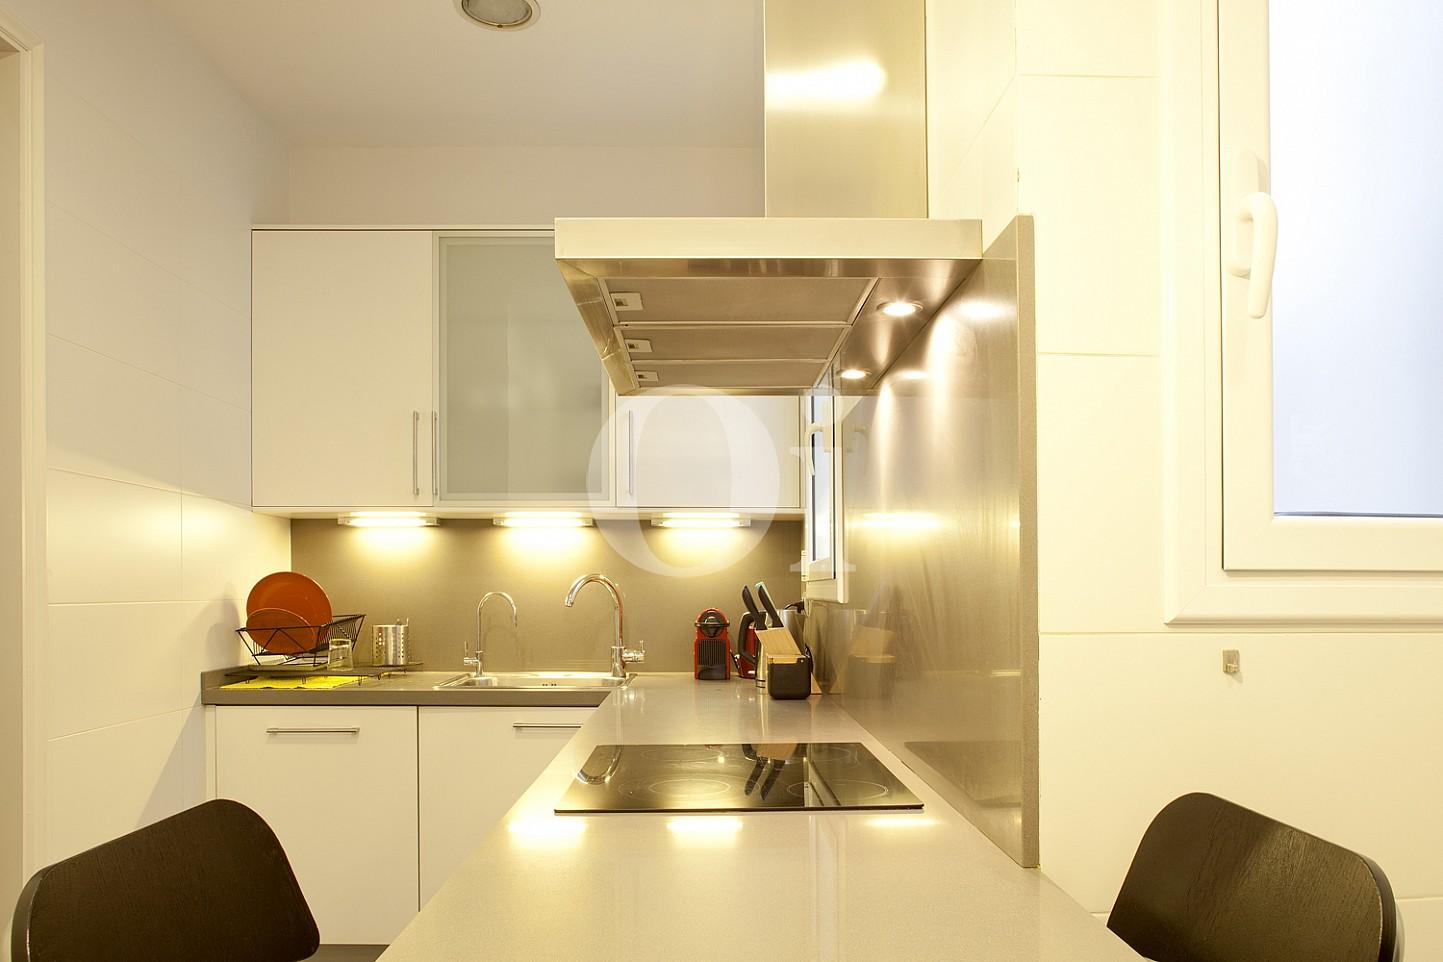 Cocina de maravilloso piso en venta en el corazón del Eixample, Barcelona